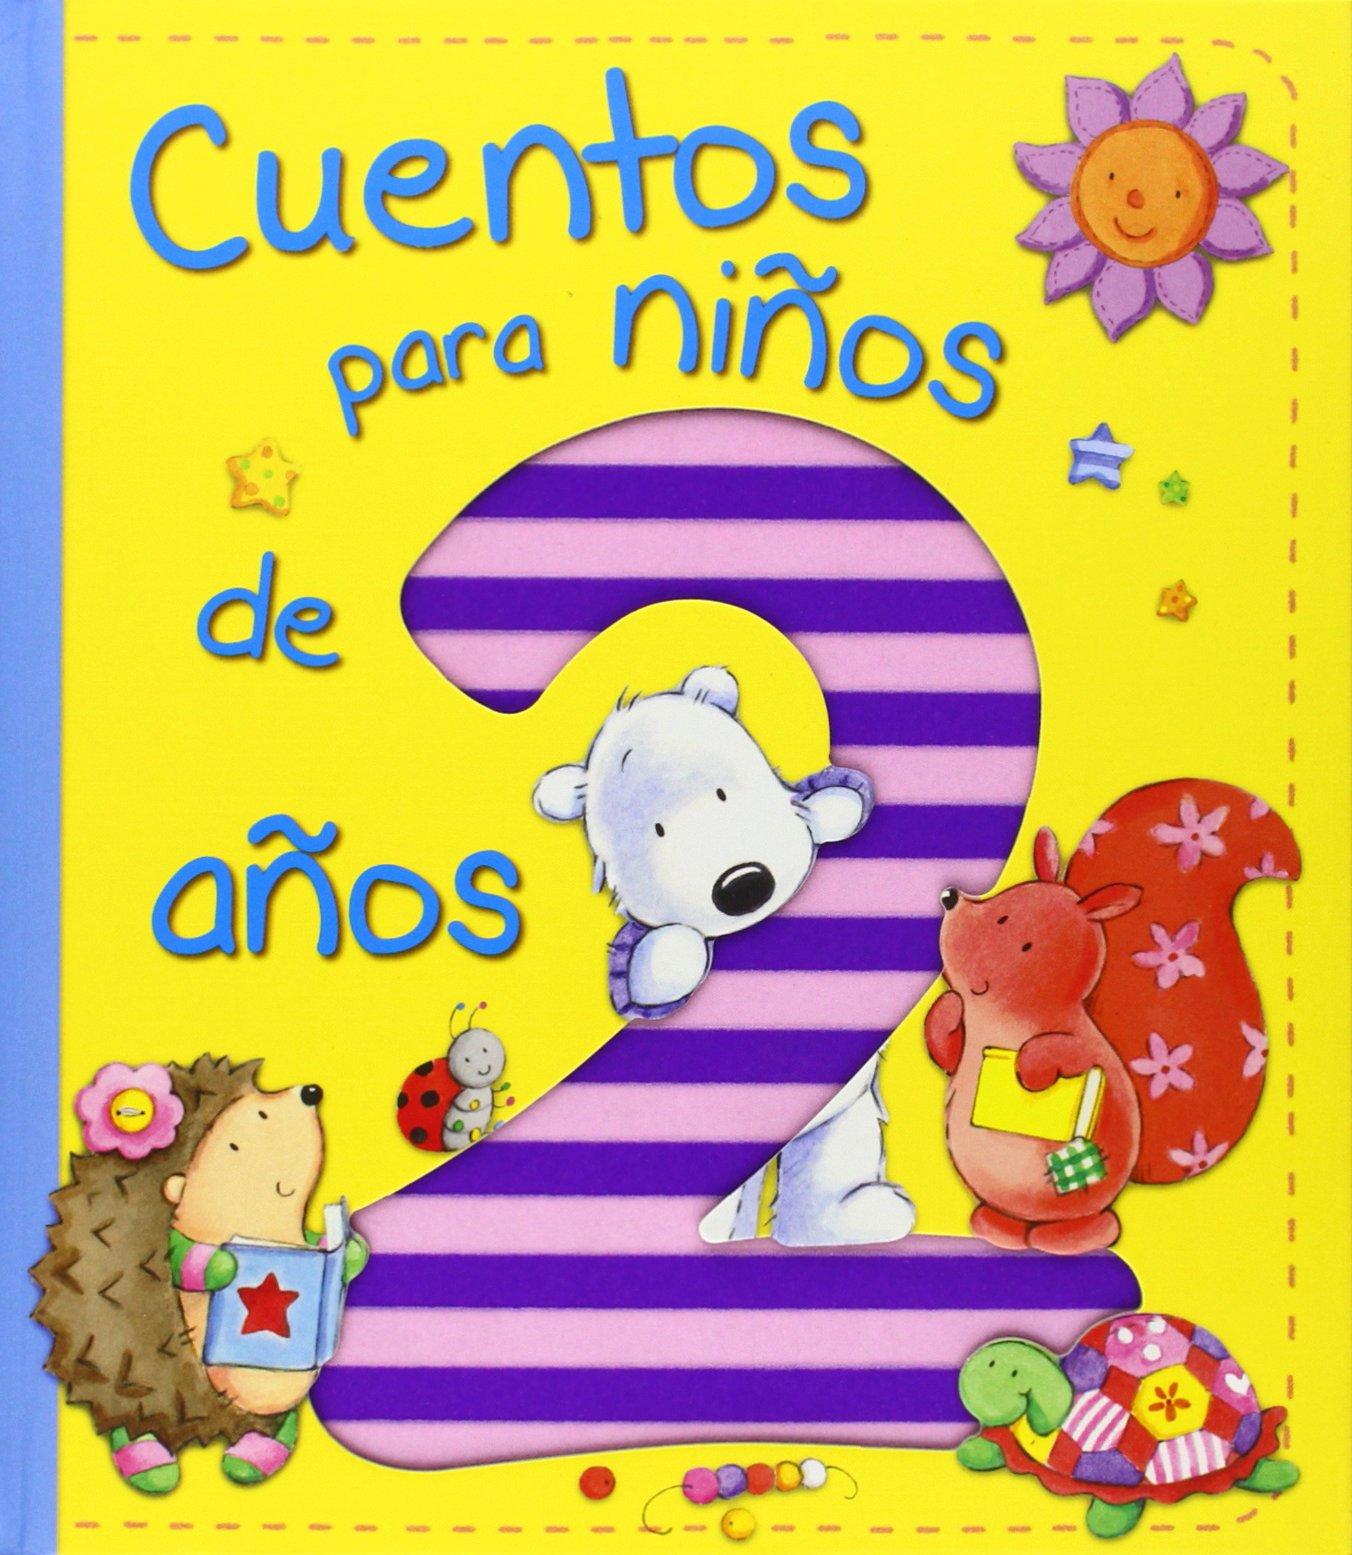 Cuentos para niños de 2 años (Cuentos y ficción)